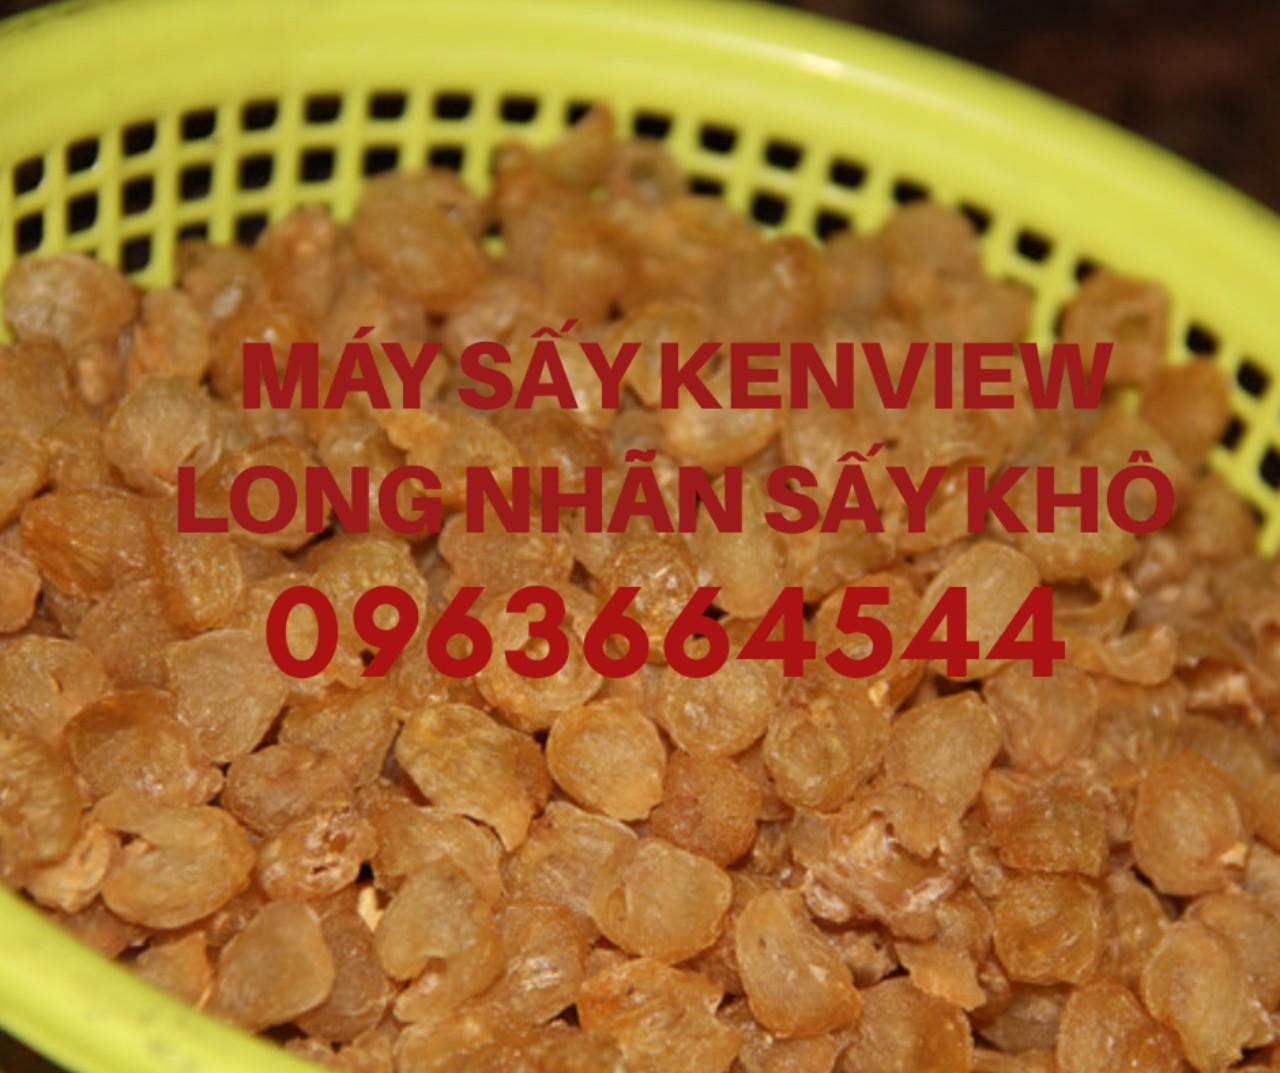 Long nhãn sấy khô - 0963664544